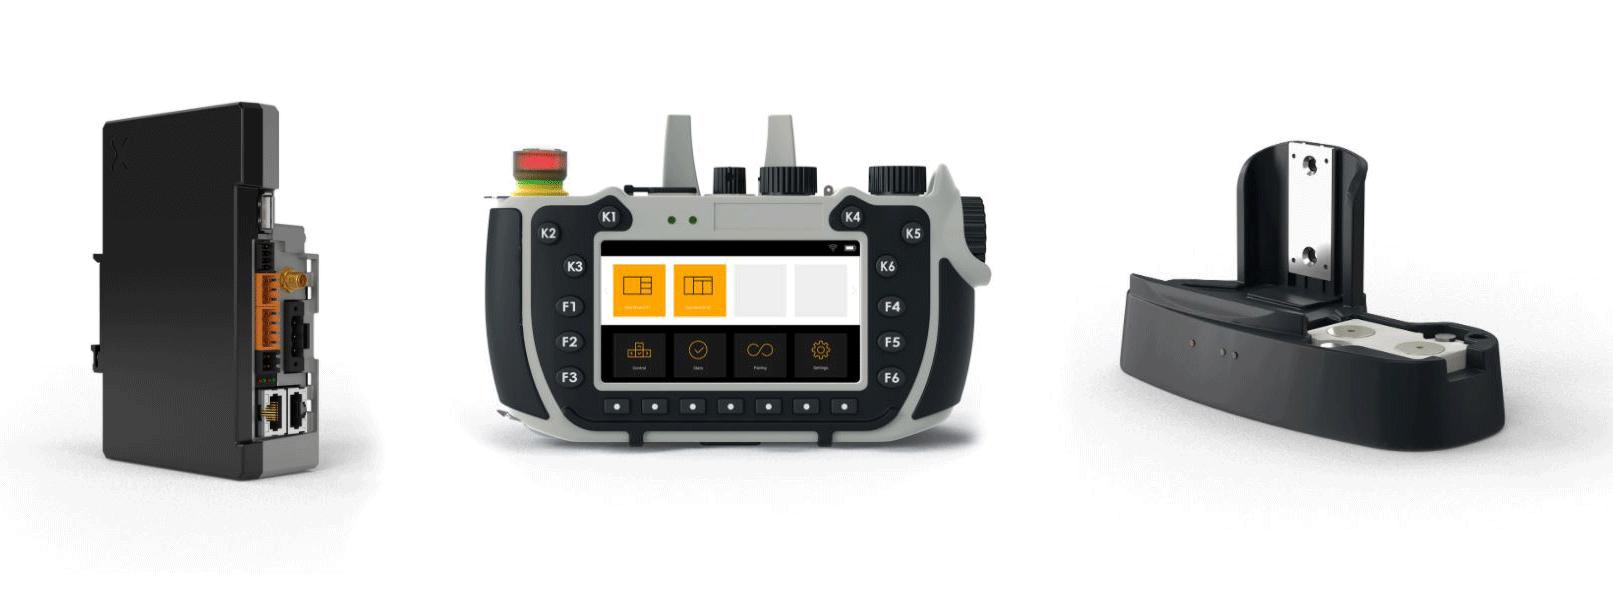 X5 Wireless